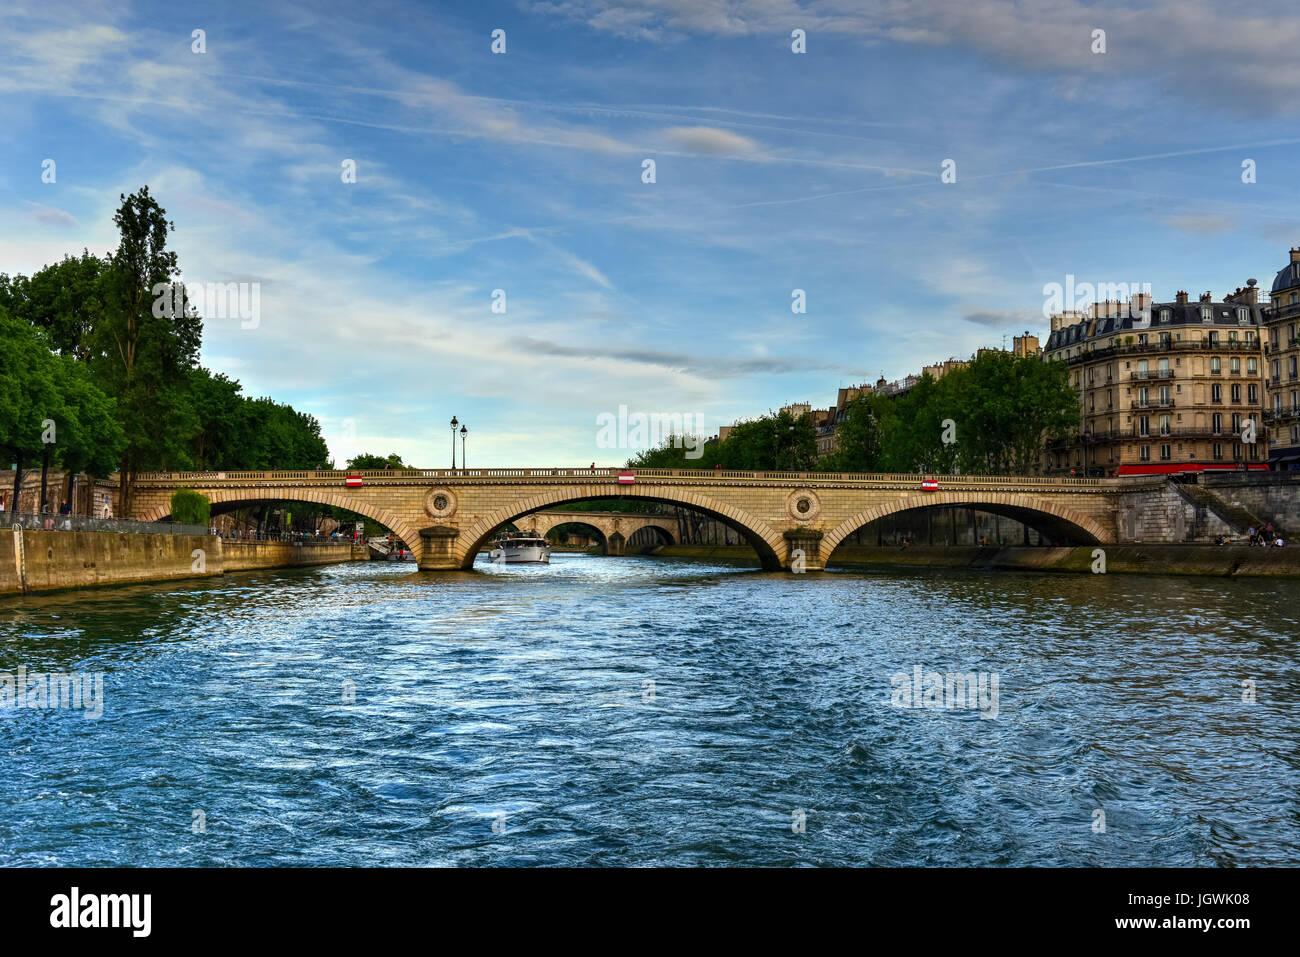 Bridge Louis-Philippe in the evening in Paris, France. - Stock Image